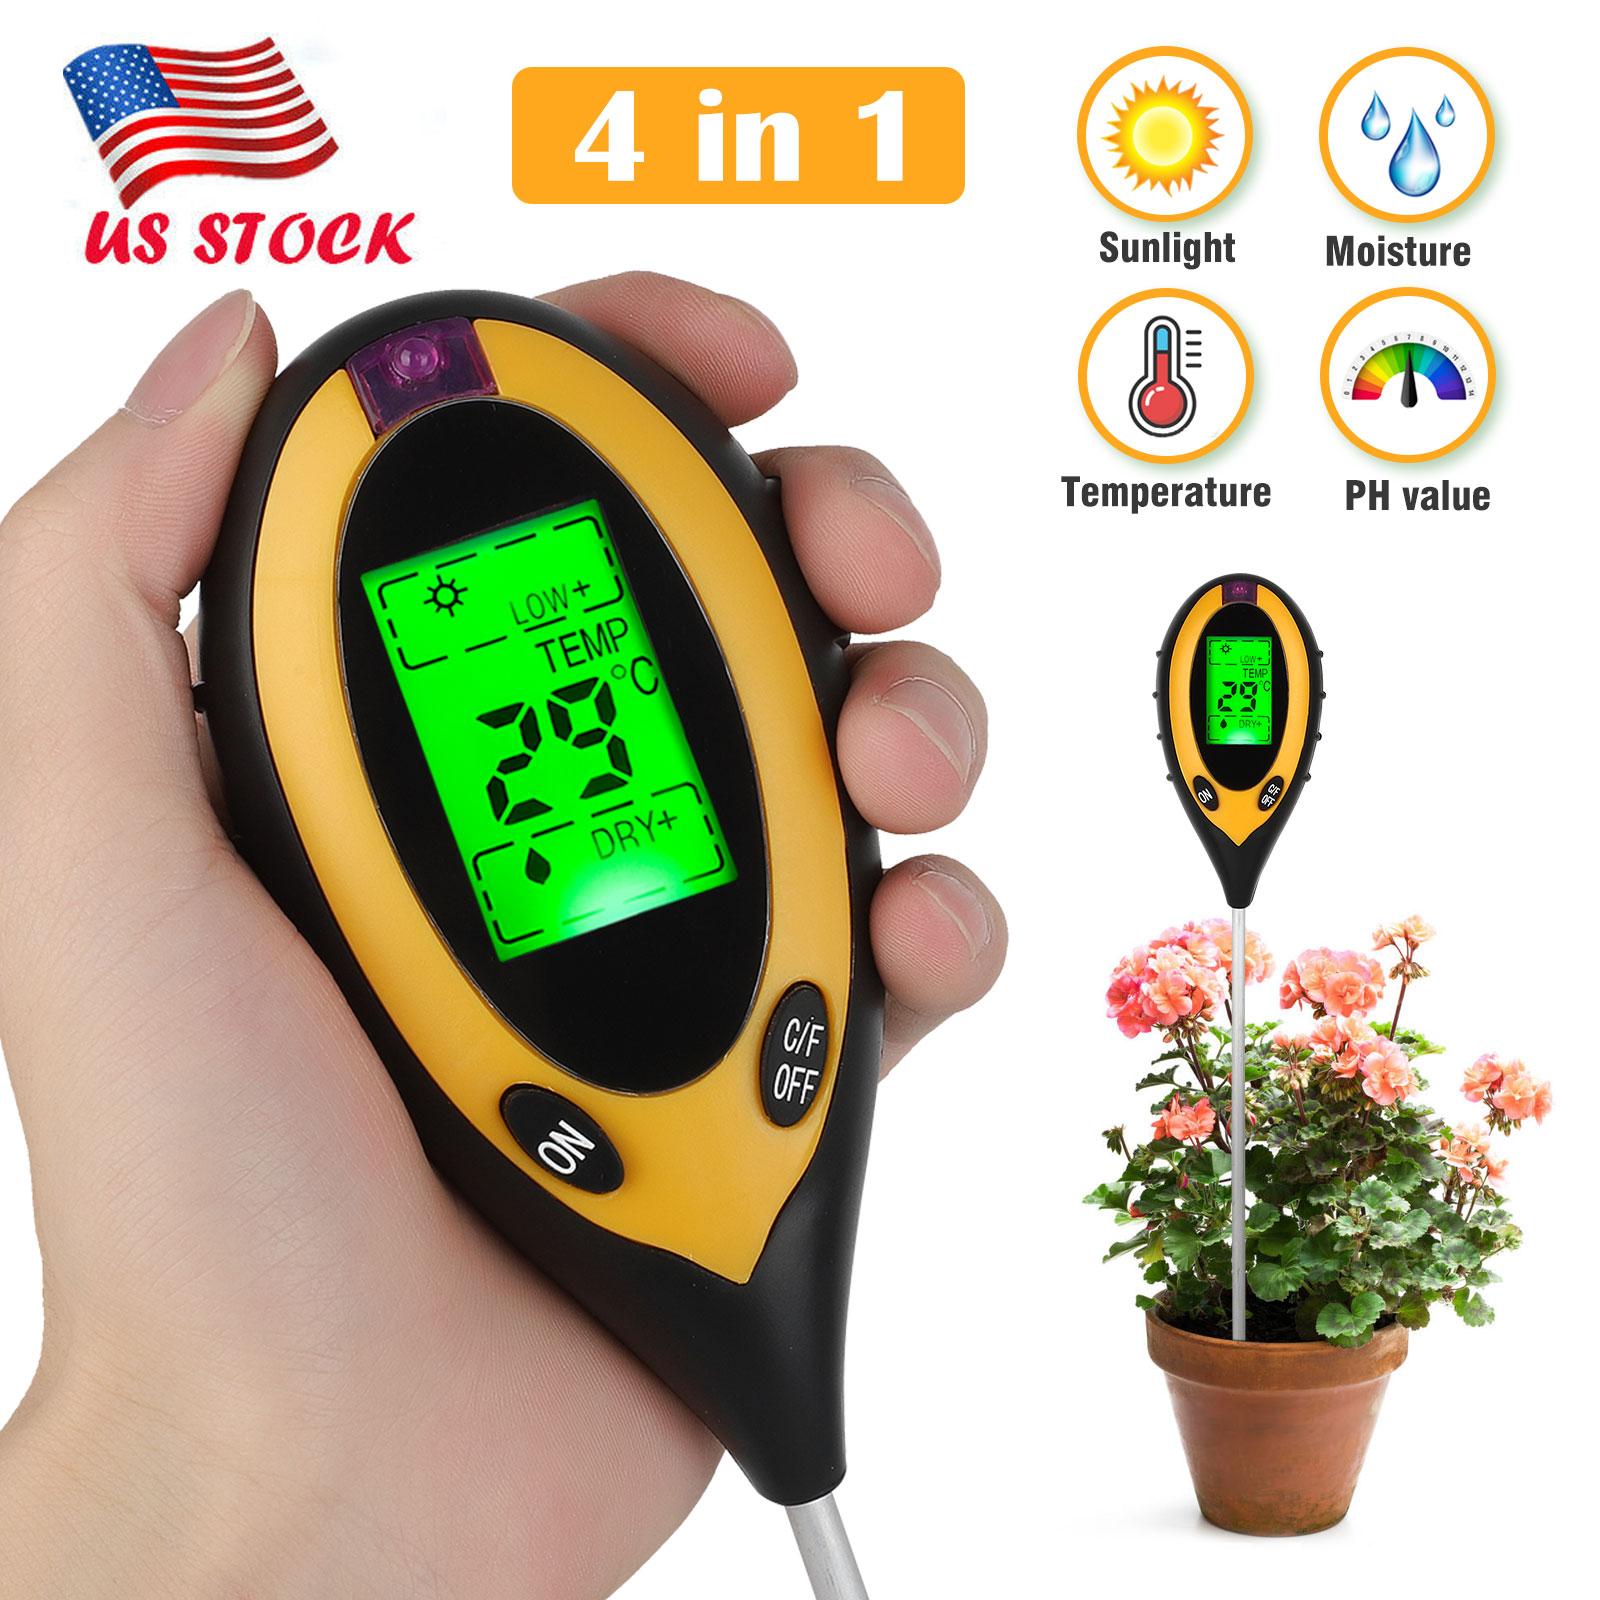 4 in 1 LCD Digital PH Meter Tester Soil Moisture Temperature